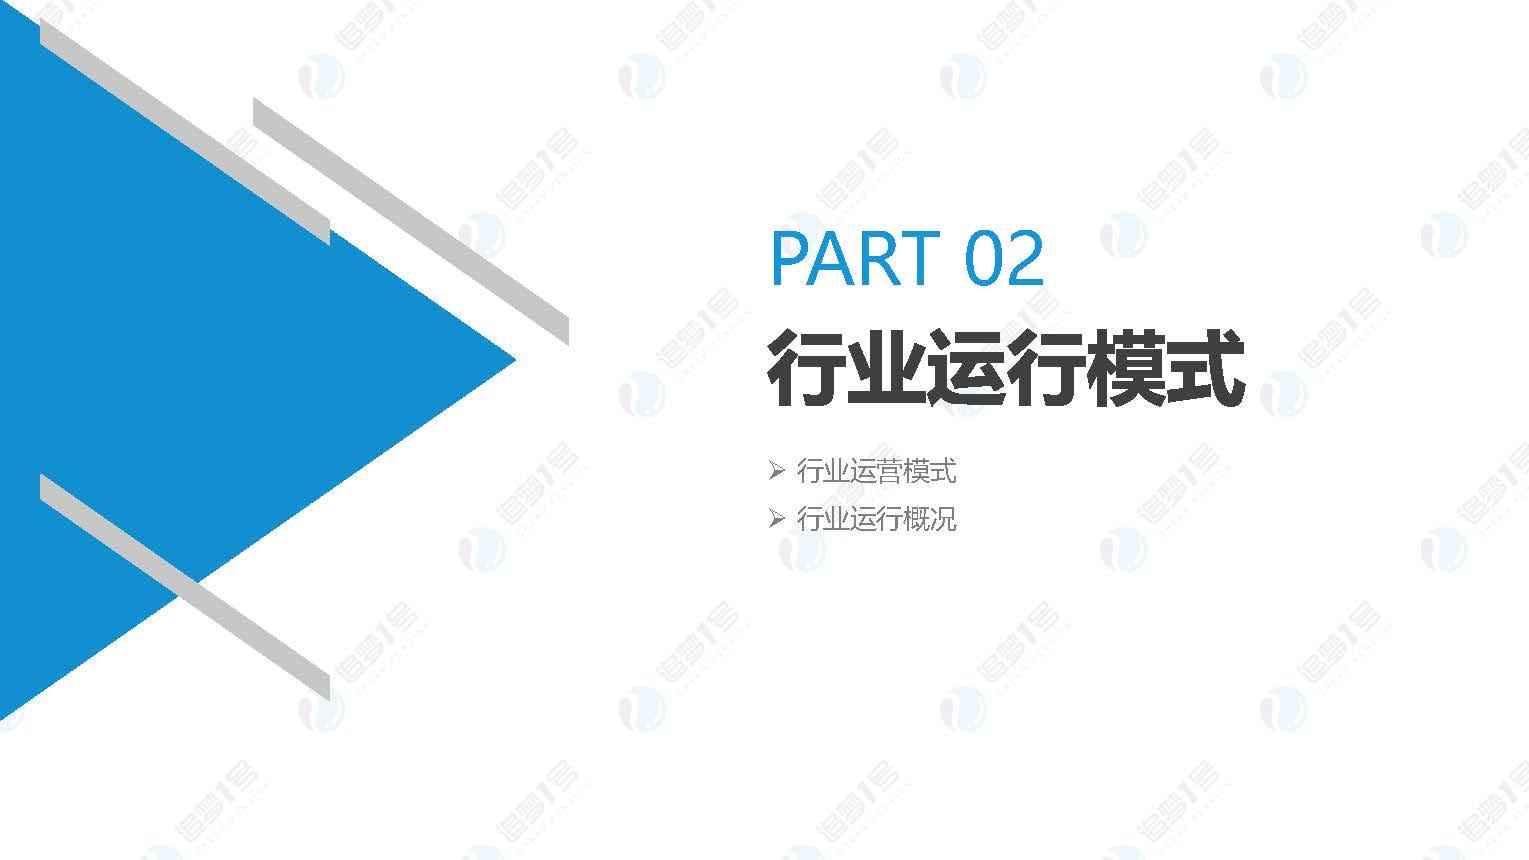 中国旅游行业研究 _页面_09.jpg